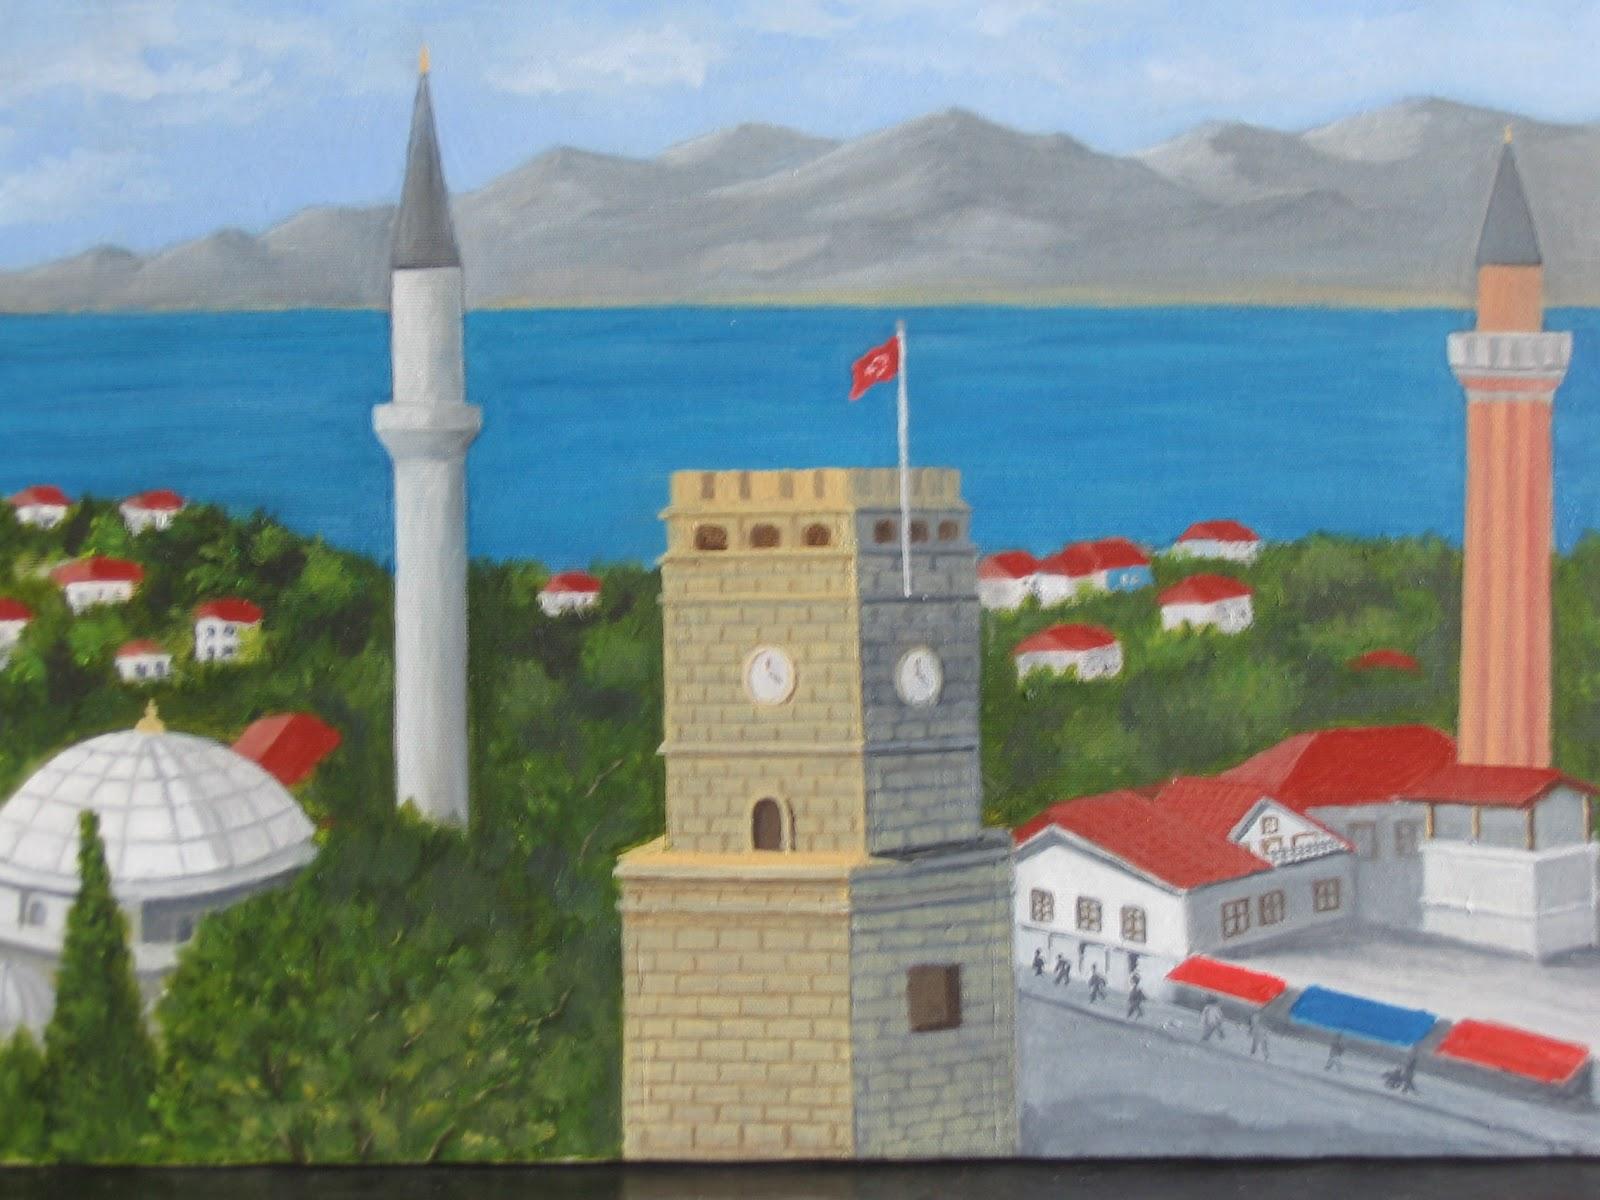 Sanatsal etkinliklerim: Antalya, Saat kulesi, yivli minare - Yağlı boya - The...